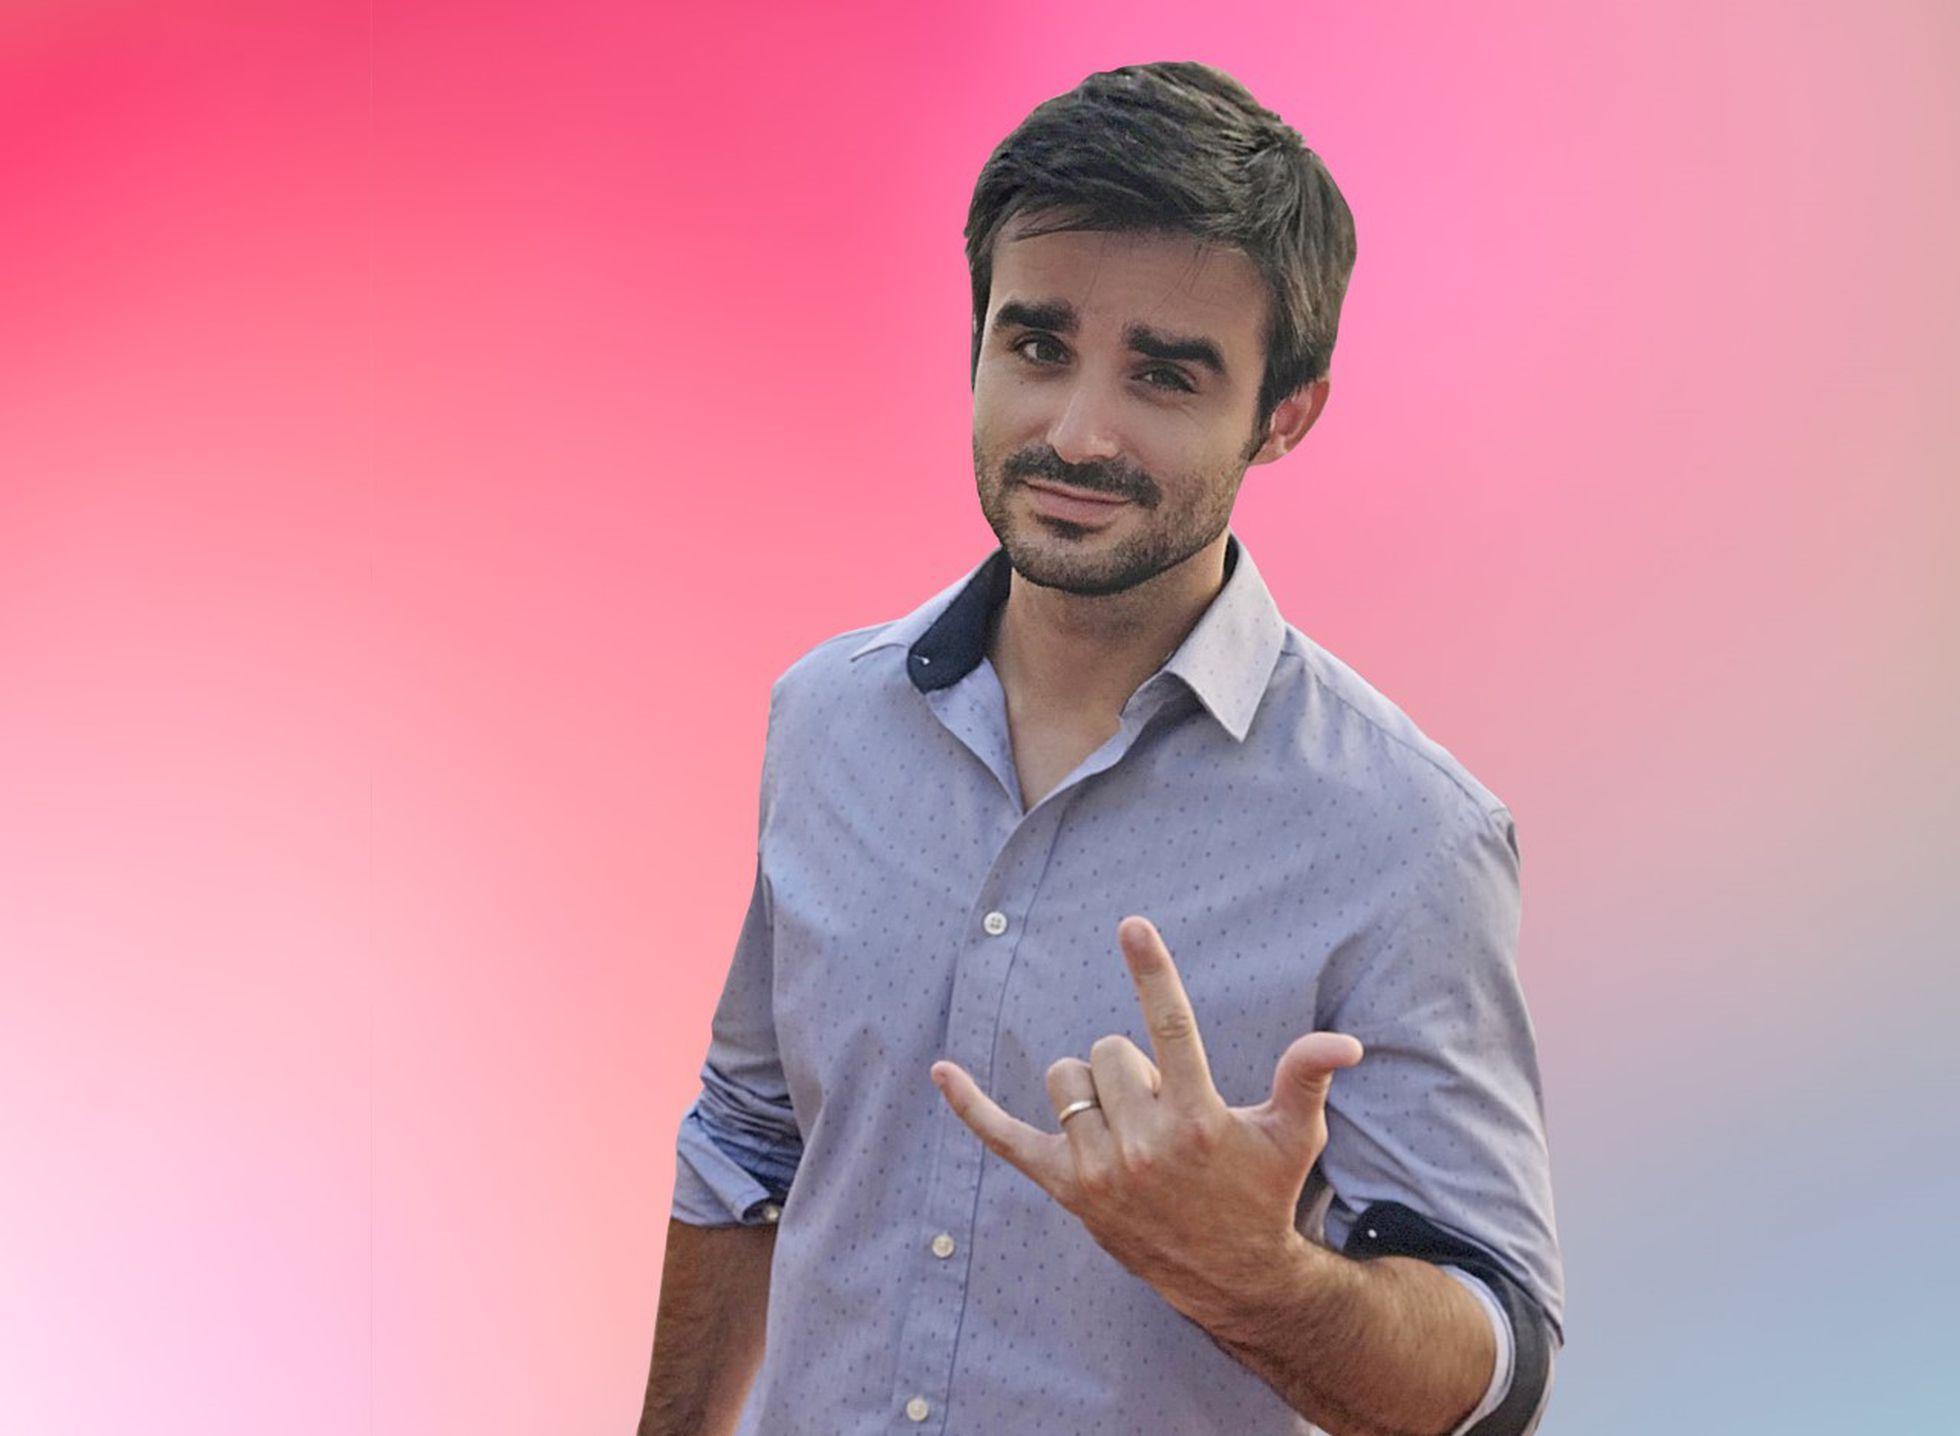 Nachter El Empresario Valenciano Que Supera Al Rubius En Tiktok Gracias A Hacer Lo Que Nadie Esperaba Actualidad Icon El País